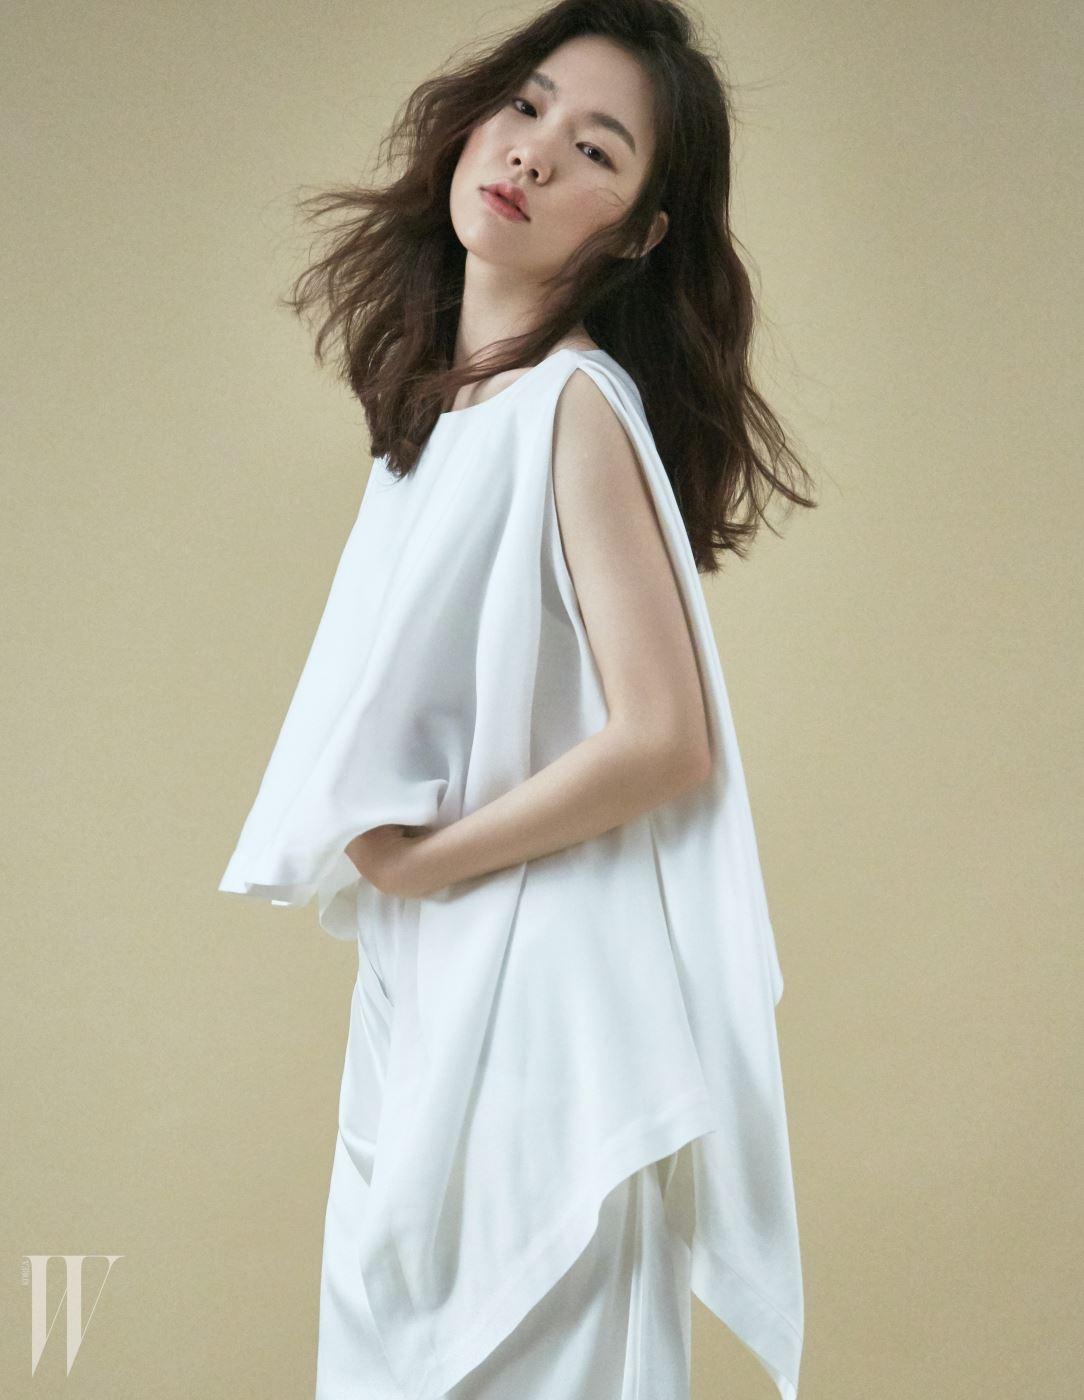 드라마틱한 실루엣을 그리는 실크 드레스는 유돈 초이 제품.